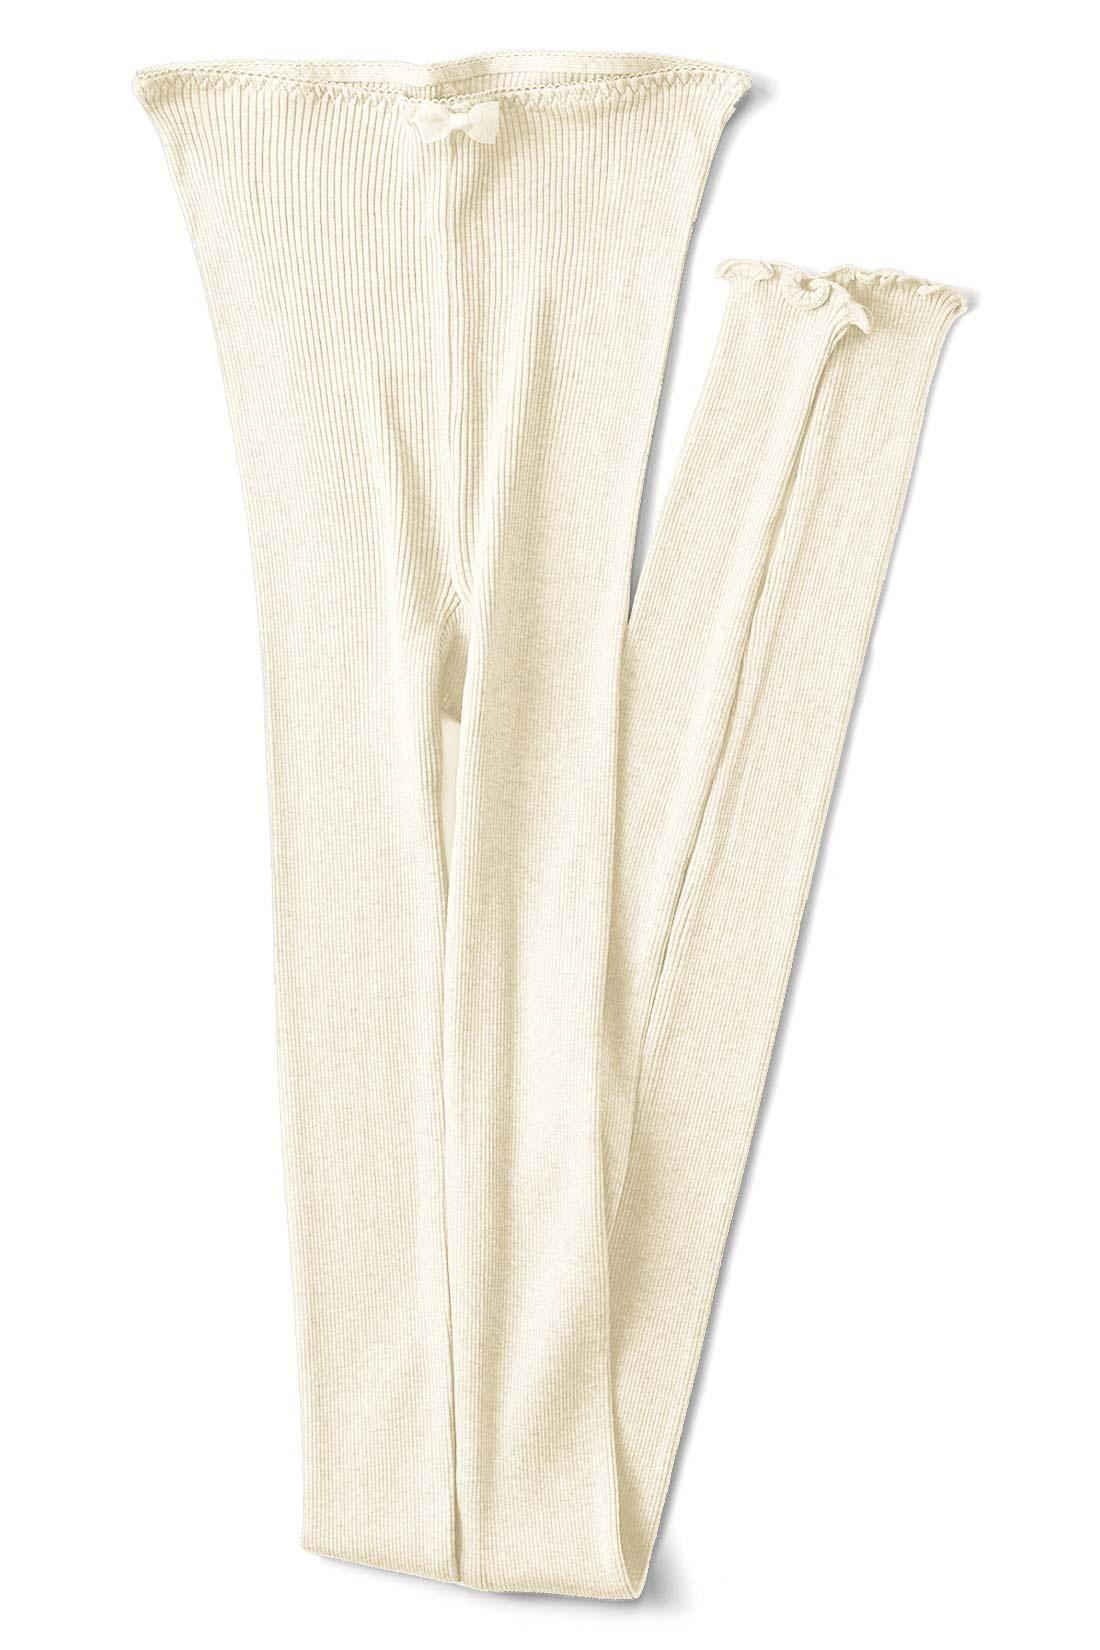 【バニラ】 はくとすそのメローミシンがふりふりかわいい。たっぷりシルク混に包まれるなんて! 夢のよう♪